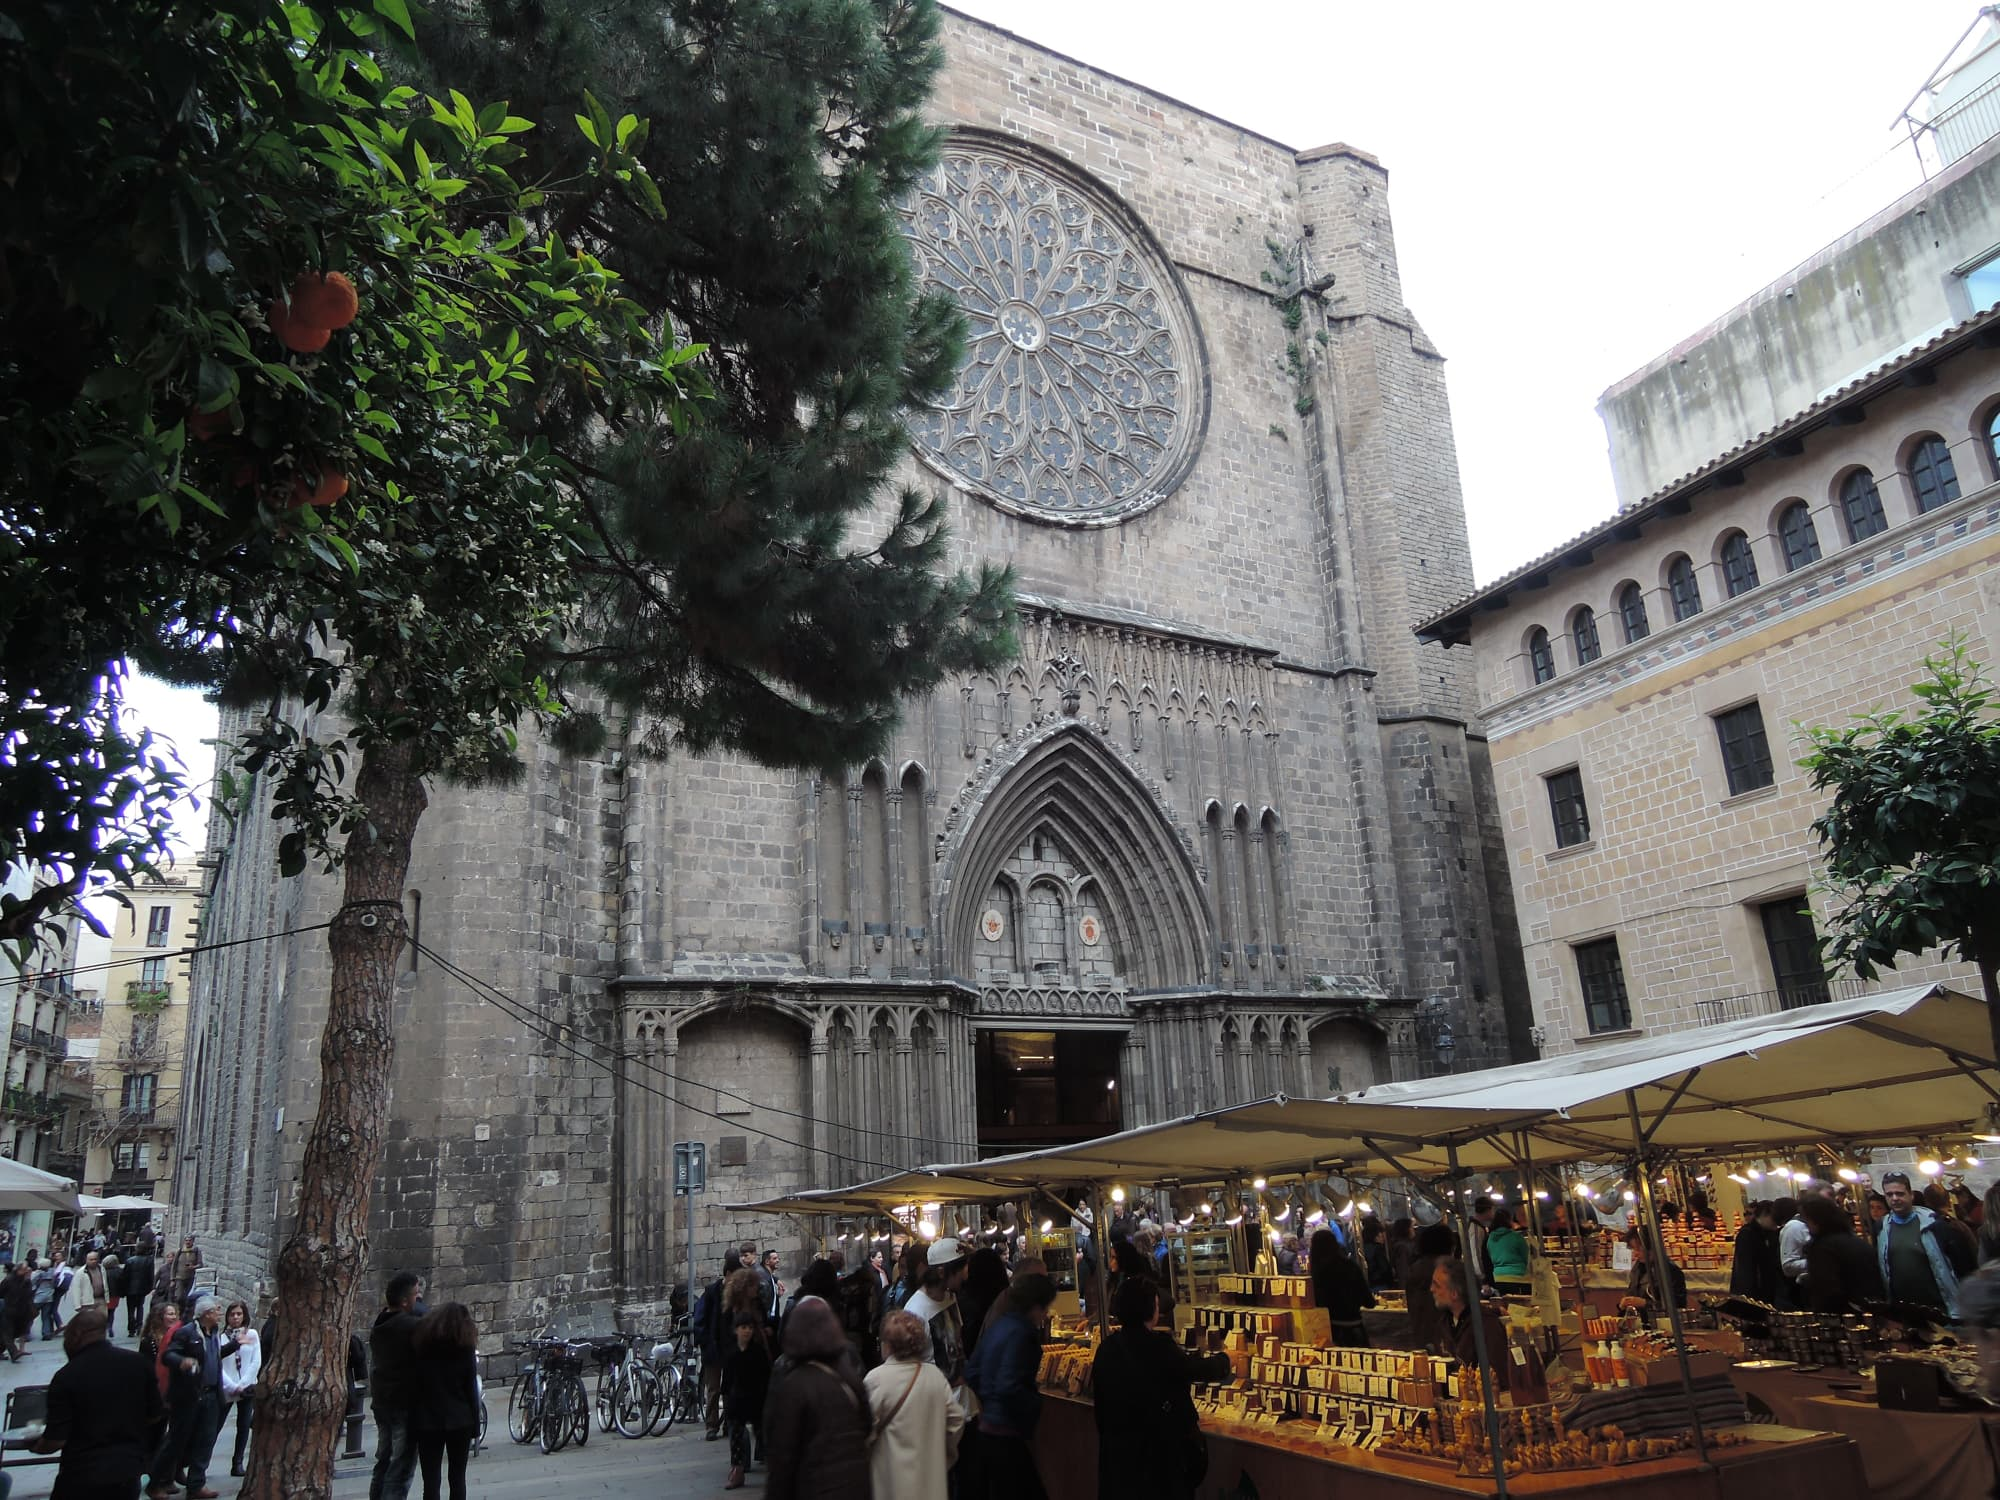 Gotoco in Barcelona